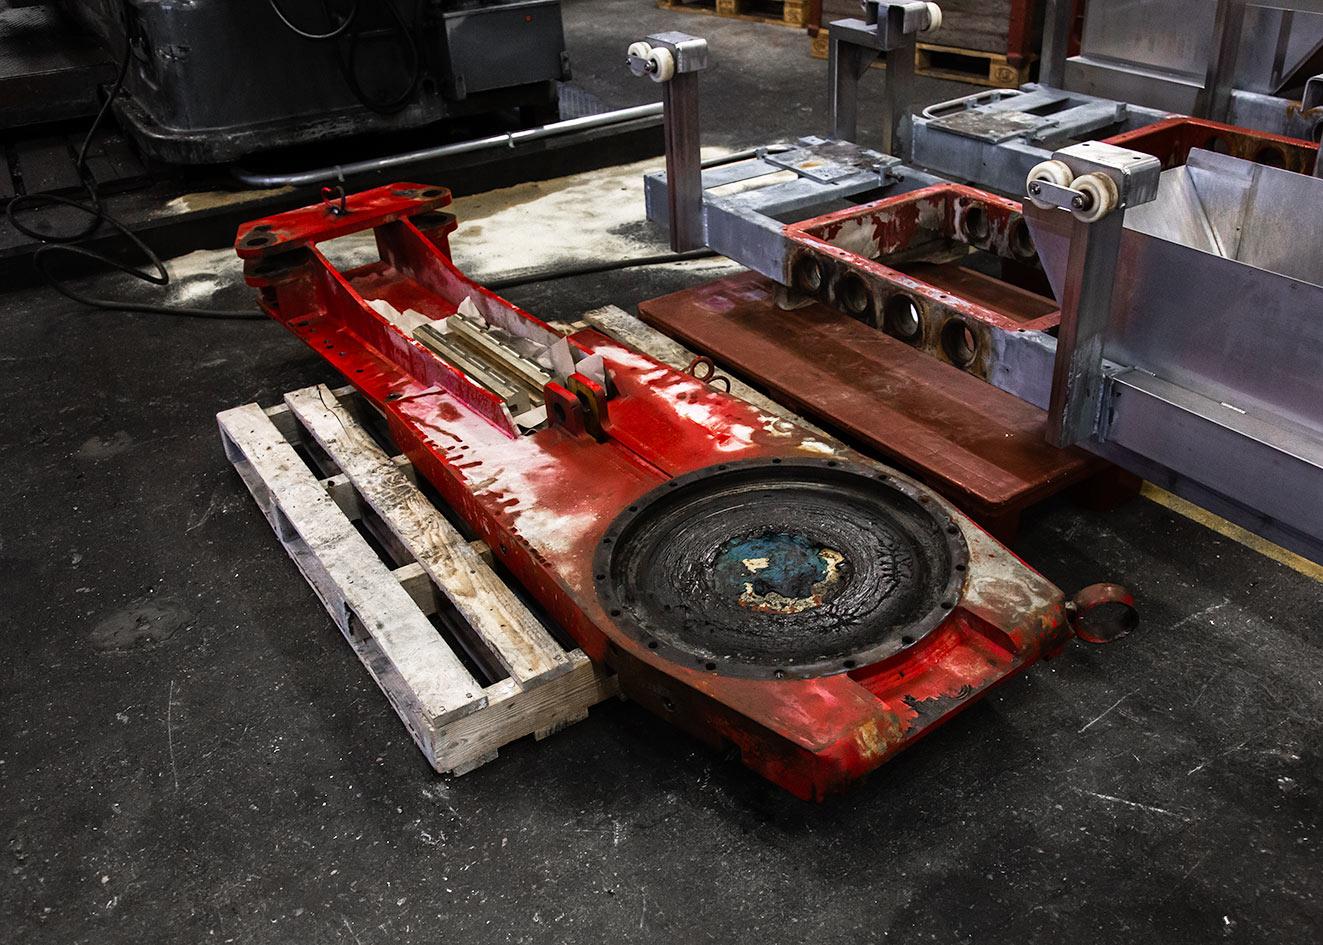 reparation atelier reco mecanique valais salgesch suisse sierre